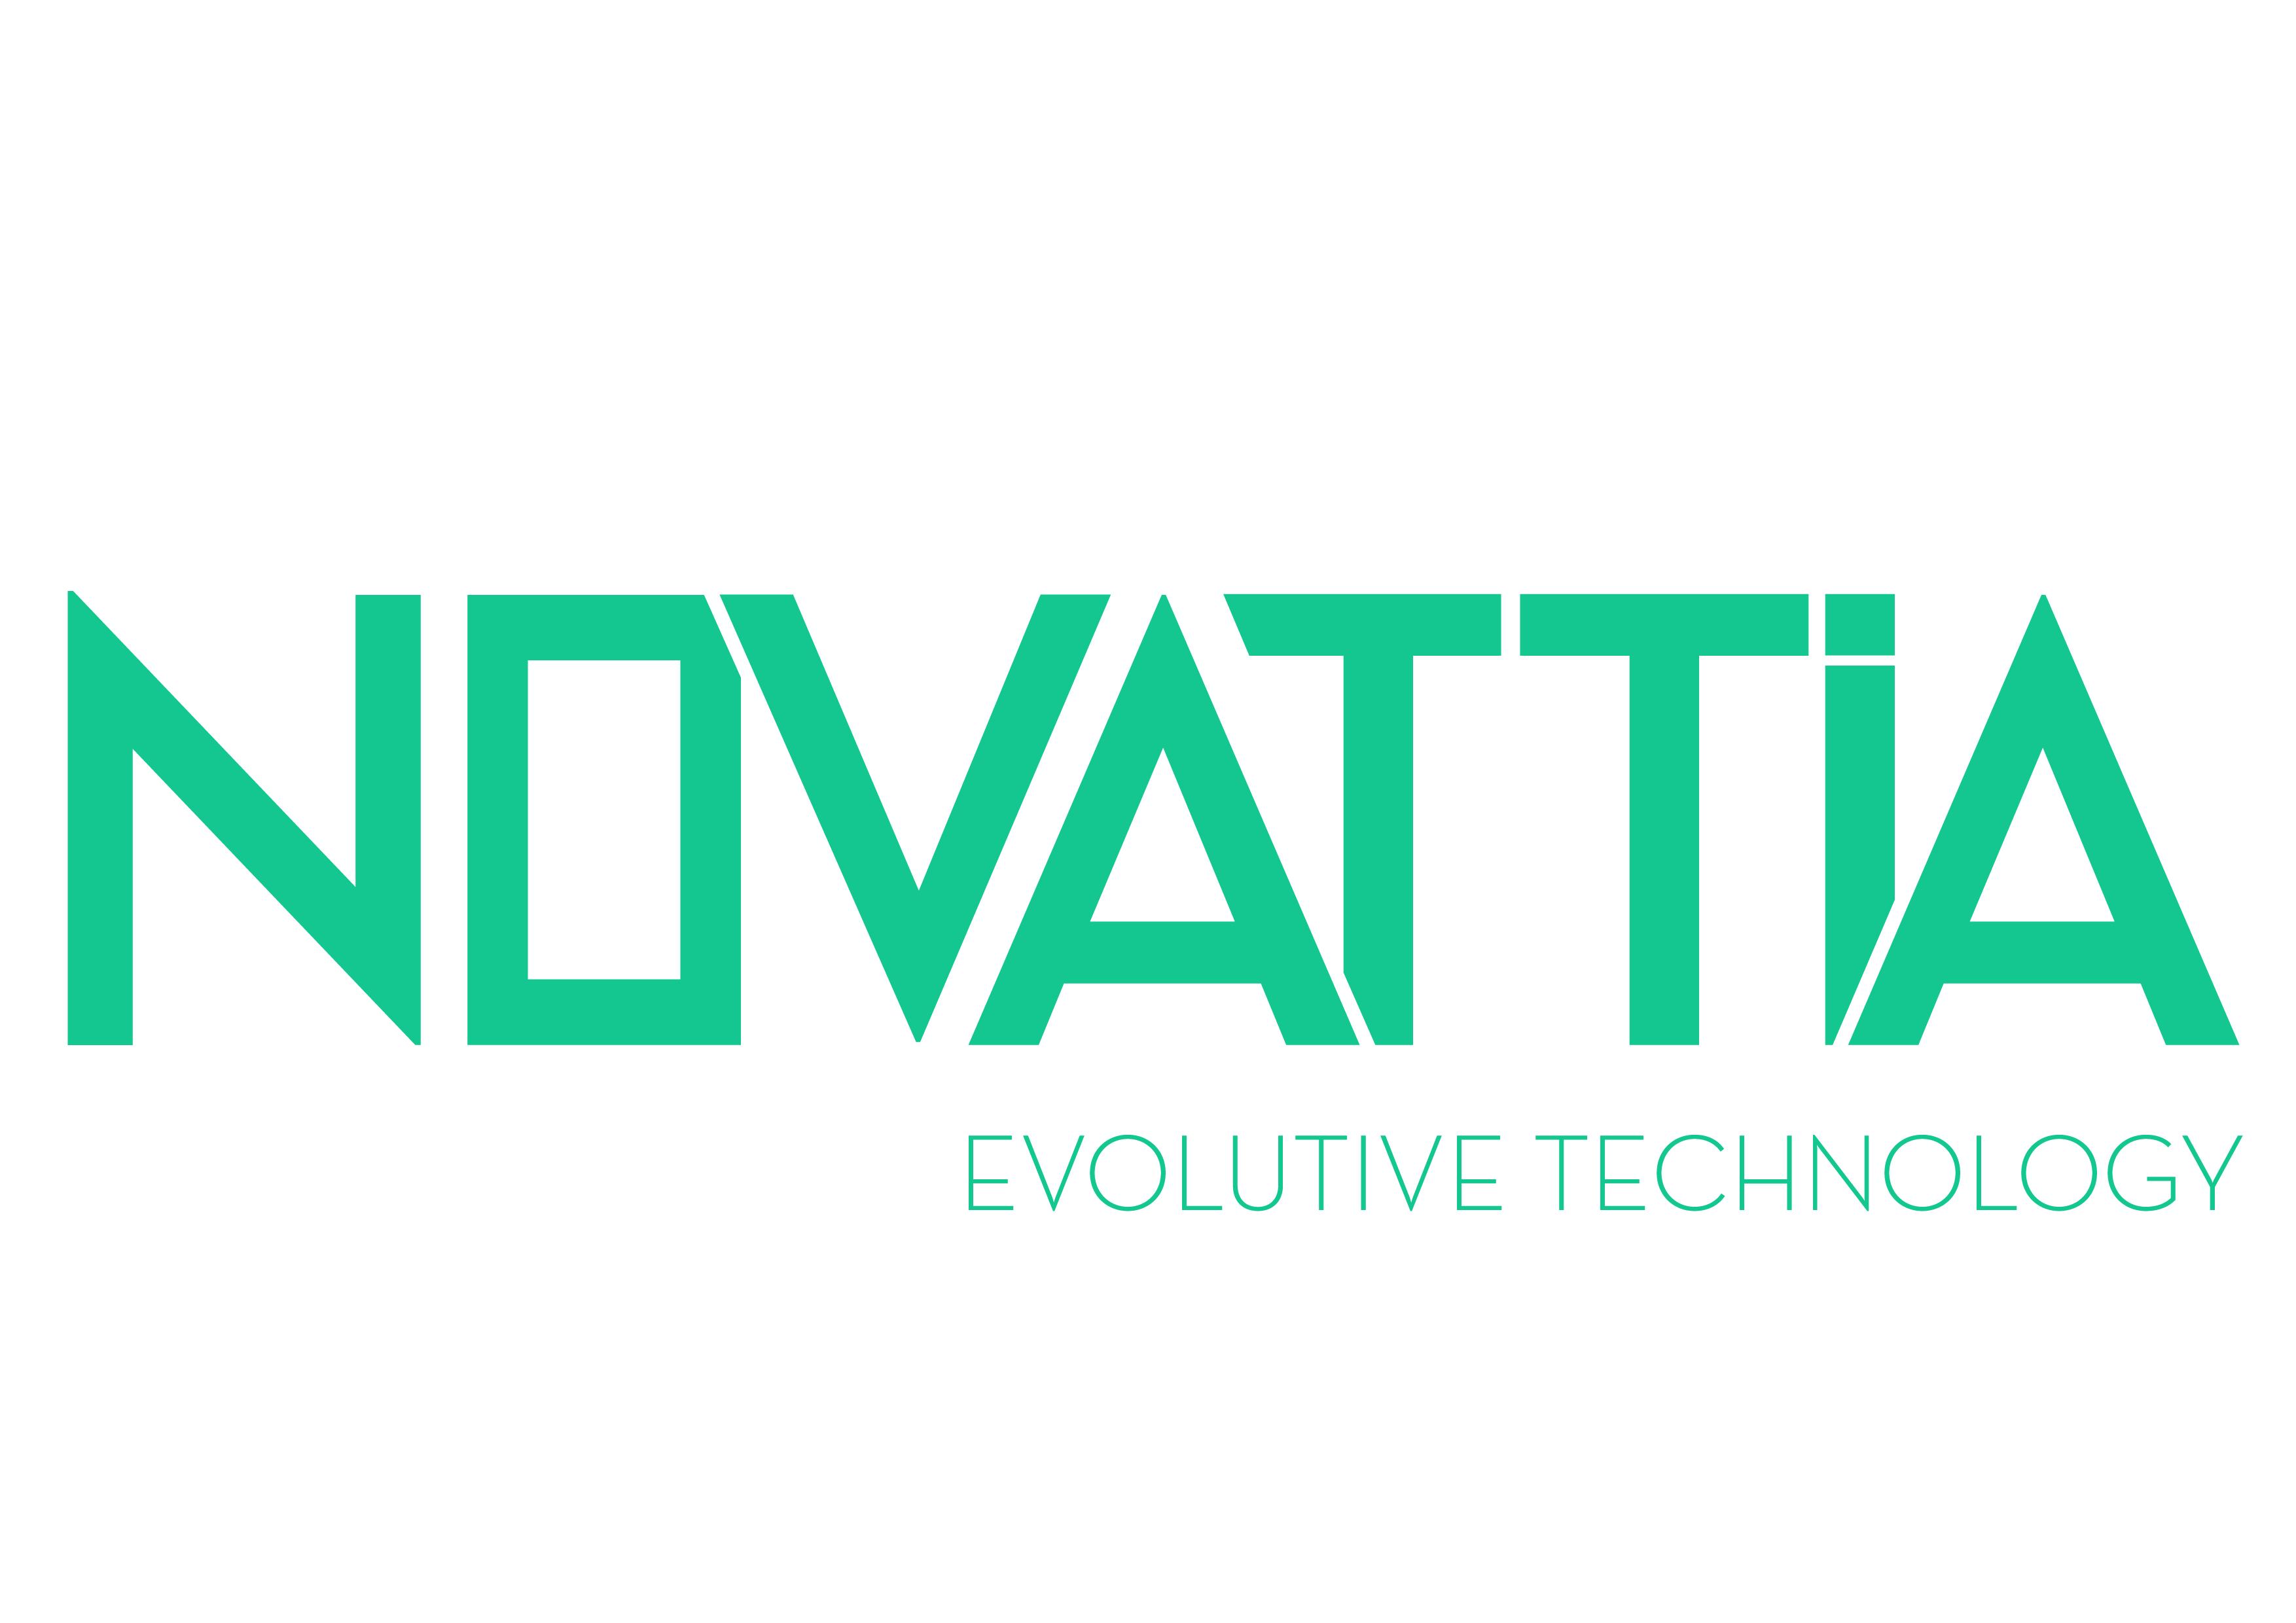 Adquisición de la compañía Novattia